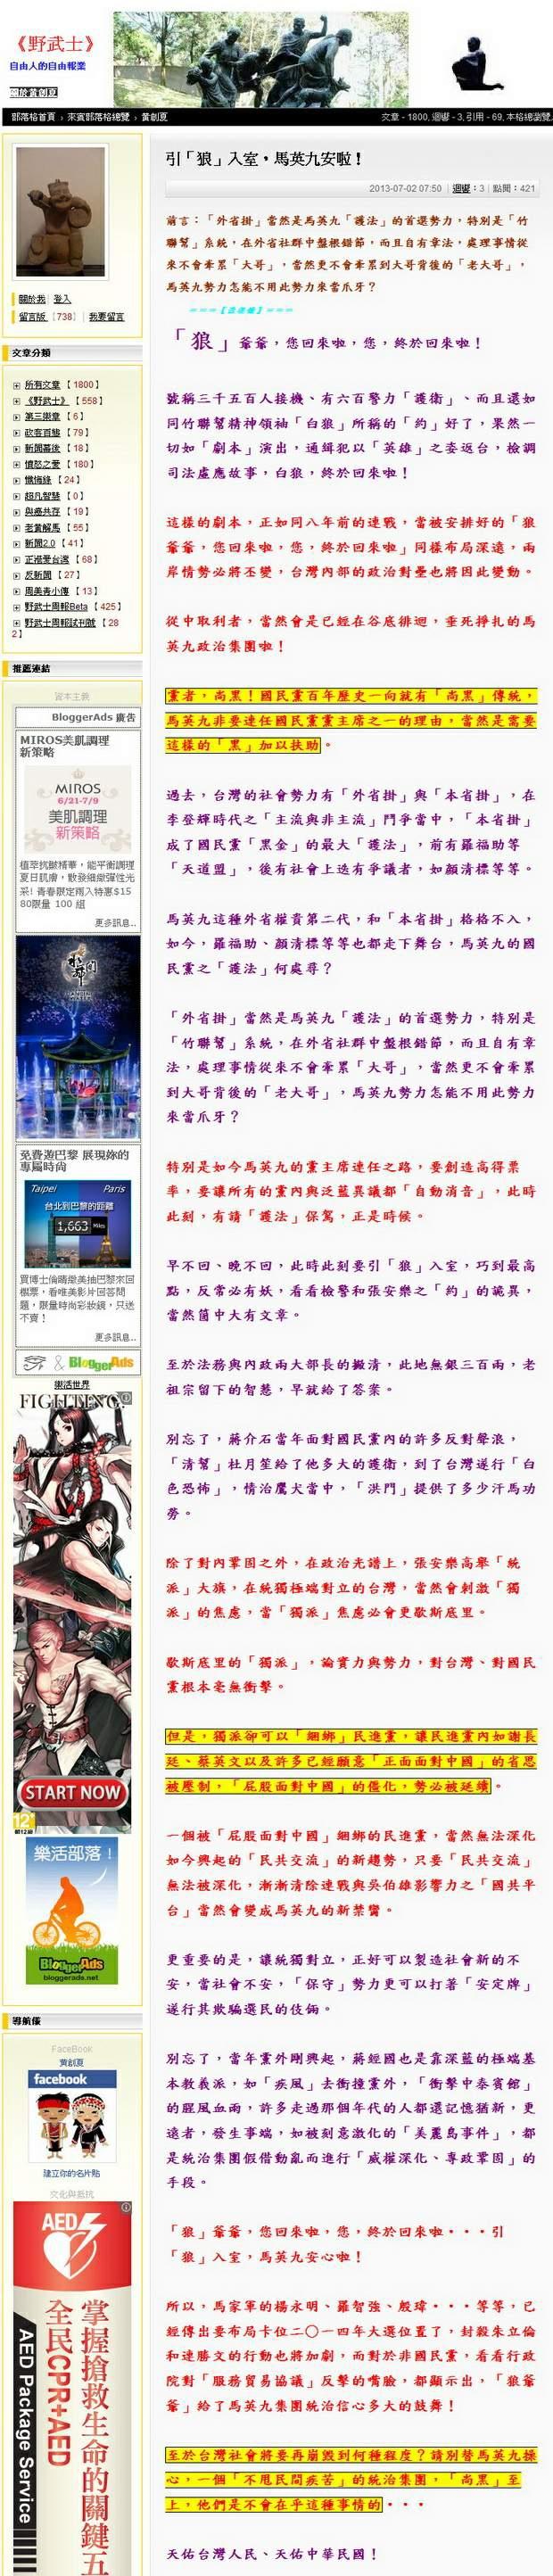 引「狼」入室,馬英九安啦!-2013.07.02.jpg